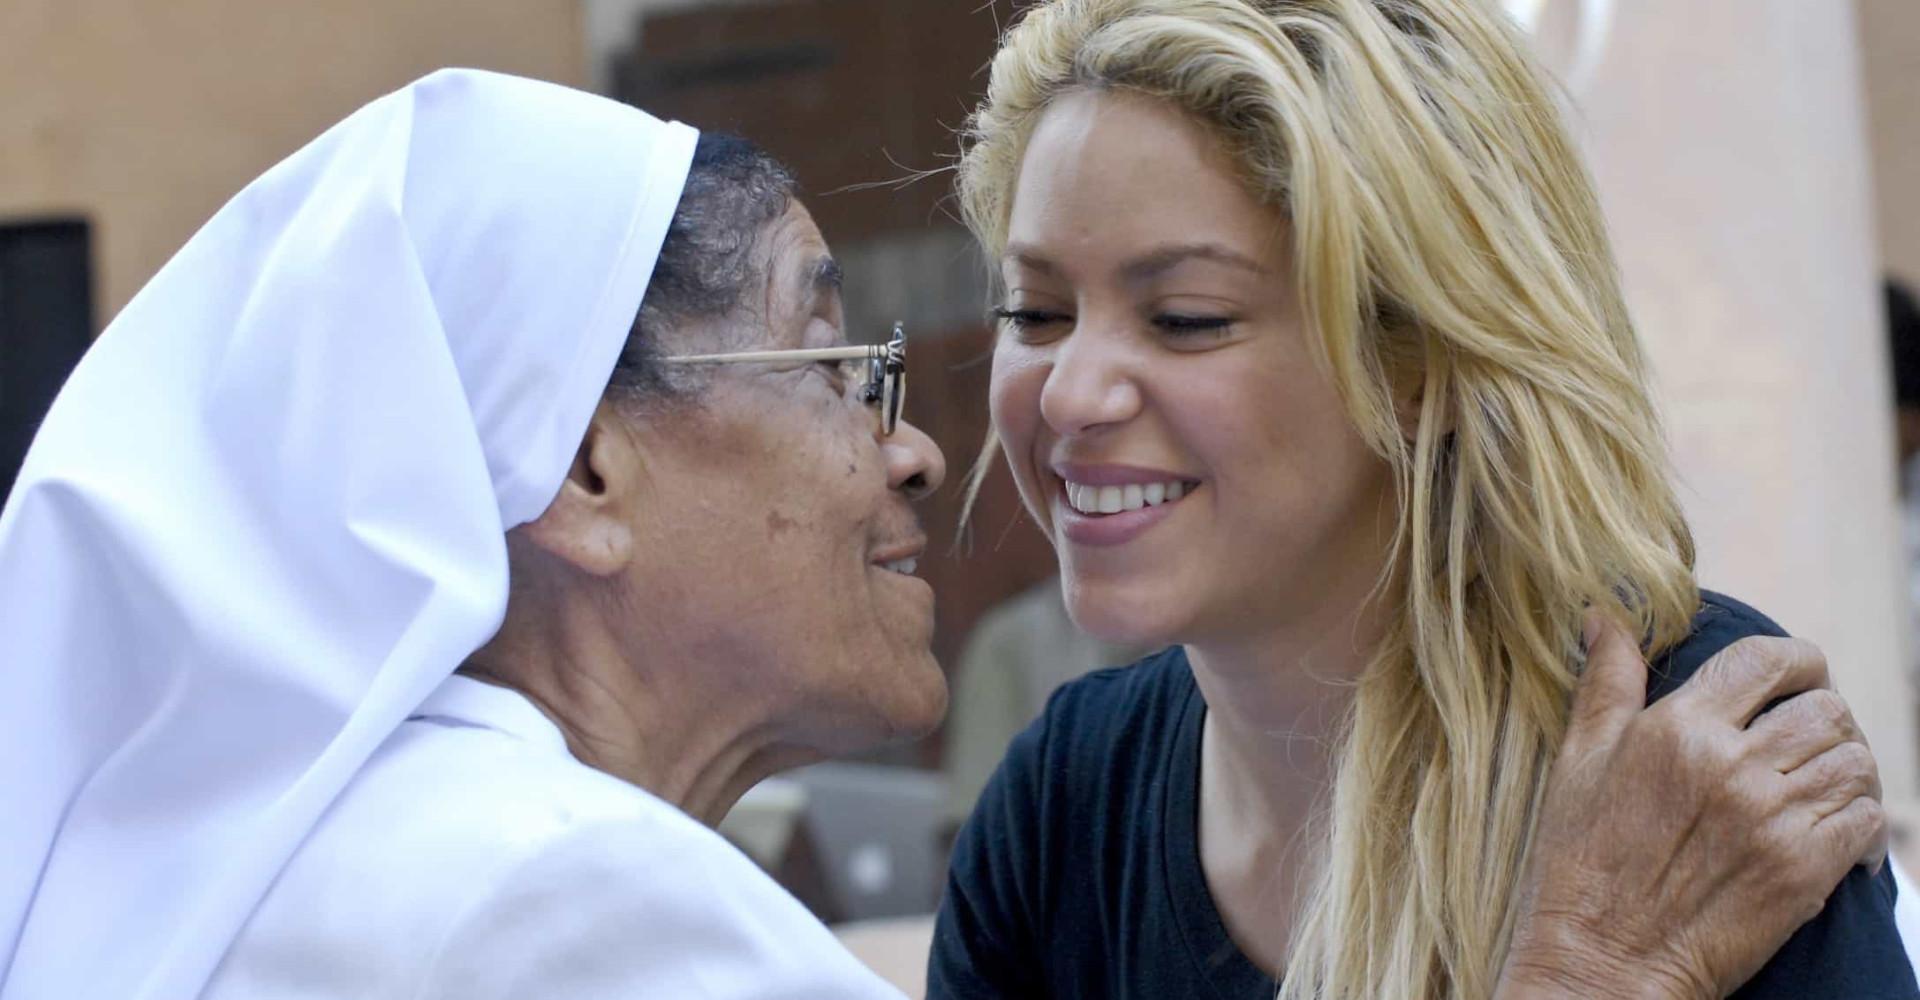 Helfer in der Not: Diese Promis haben ein gutes Herz